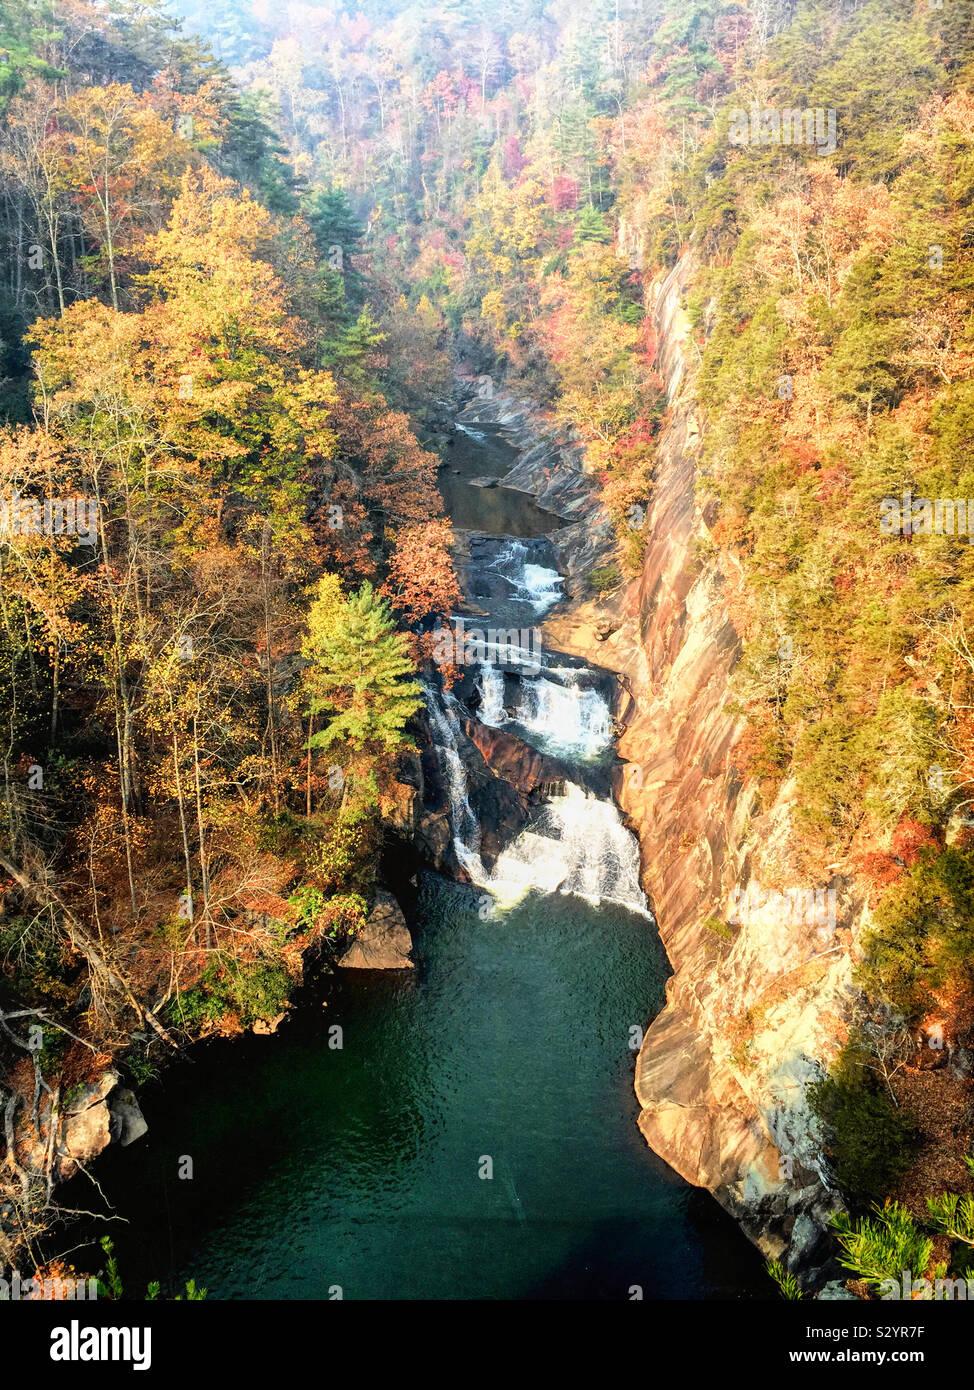 En regardant vers le bas à des Gorges de Tallulah Falls Tempesta et Hawthorne Cascade et piscine sur la rivière Tallulah Tallulah Falls en Géorgie. Saison d'automne couleur des feuilles sur les montagnes Blue Ridge. Banque D'Images